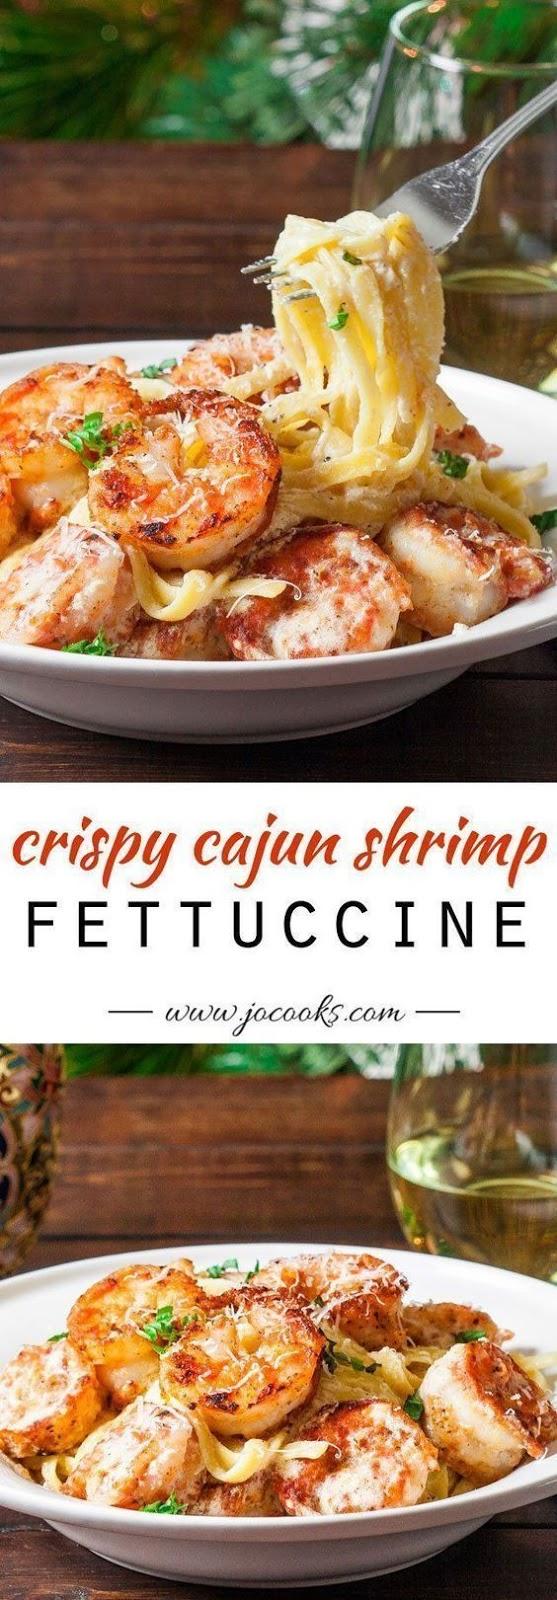 Crispy Cajun Shrimp Fettuccine